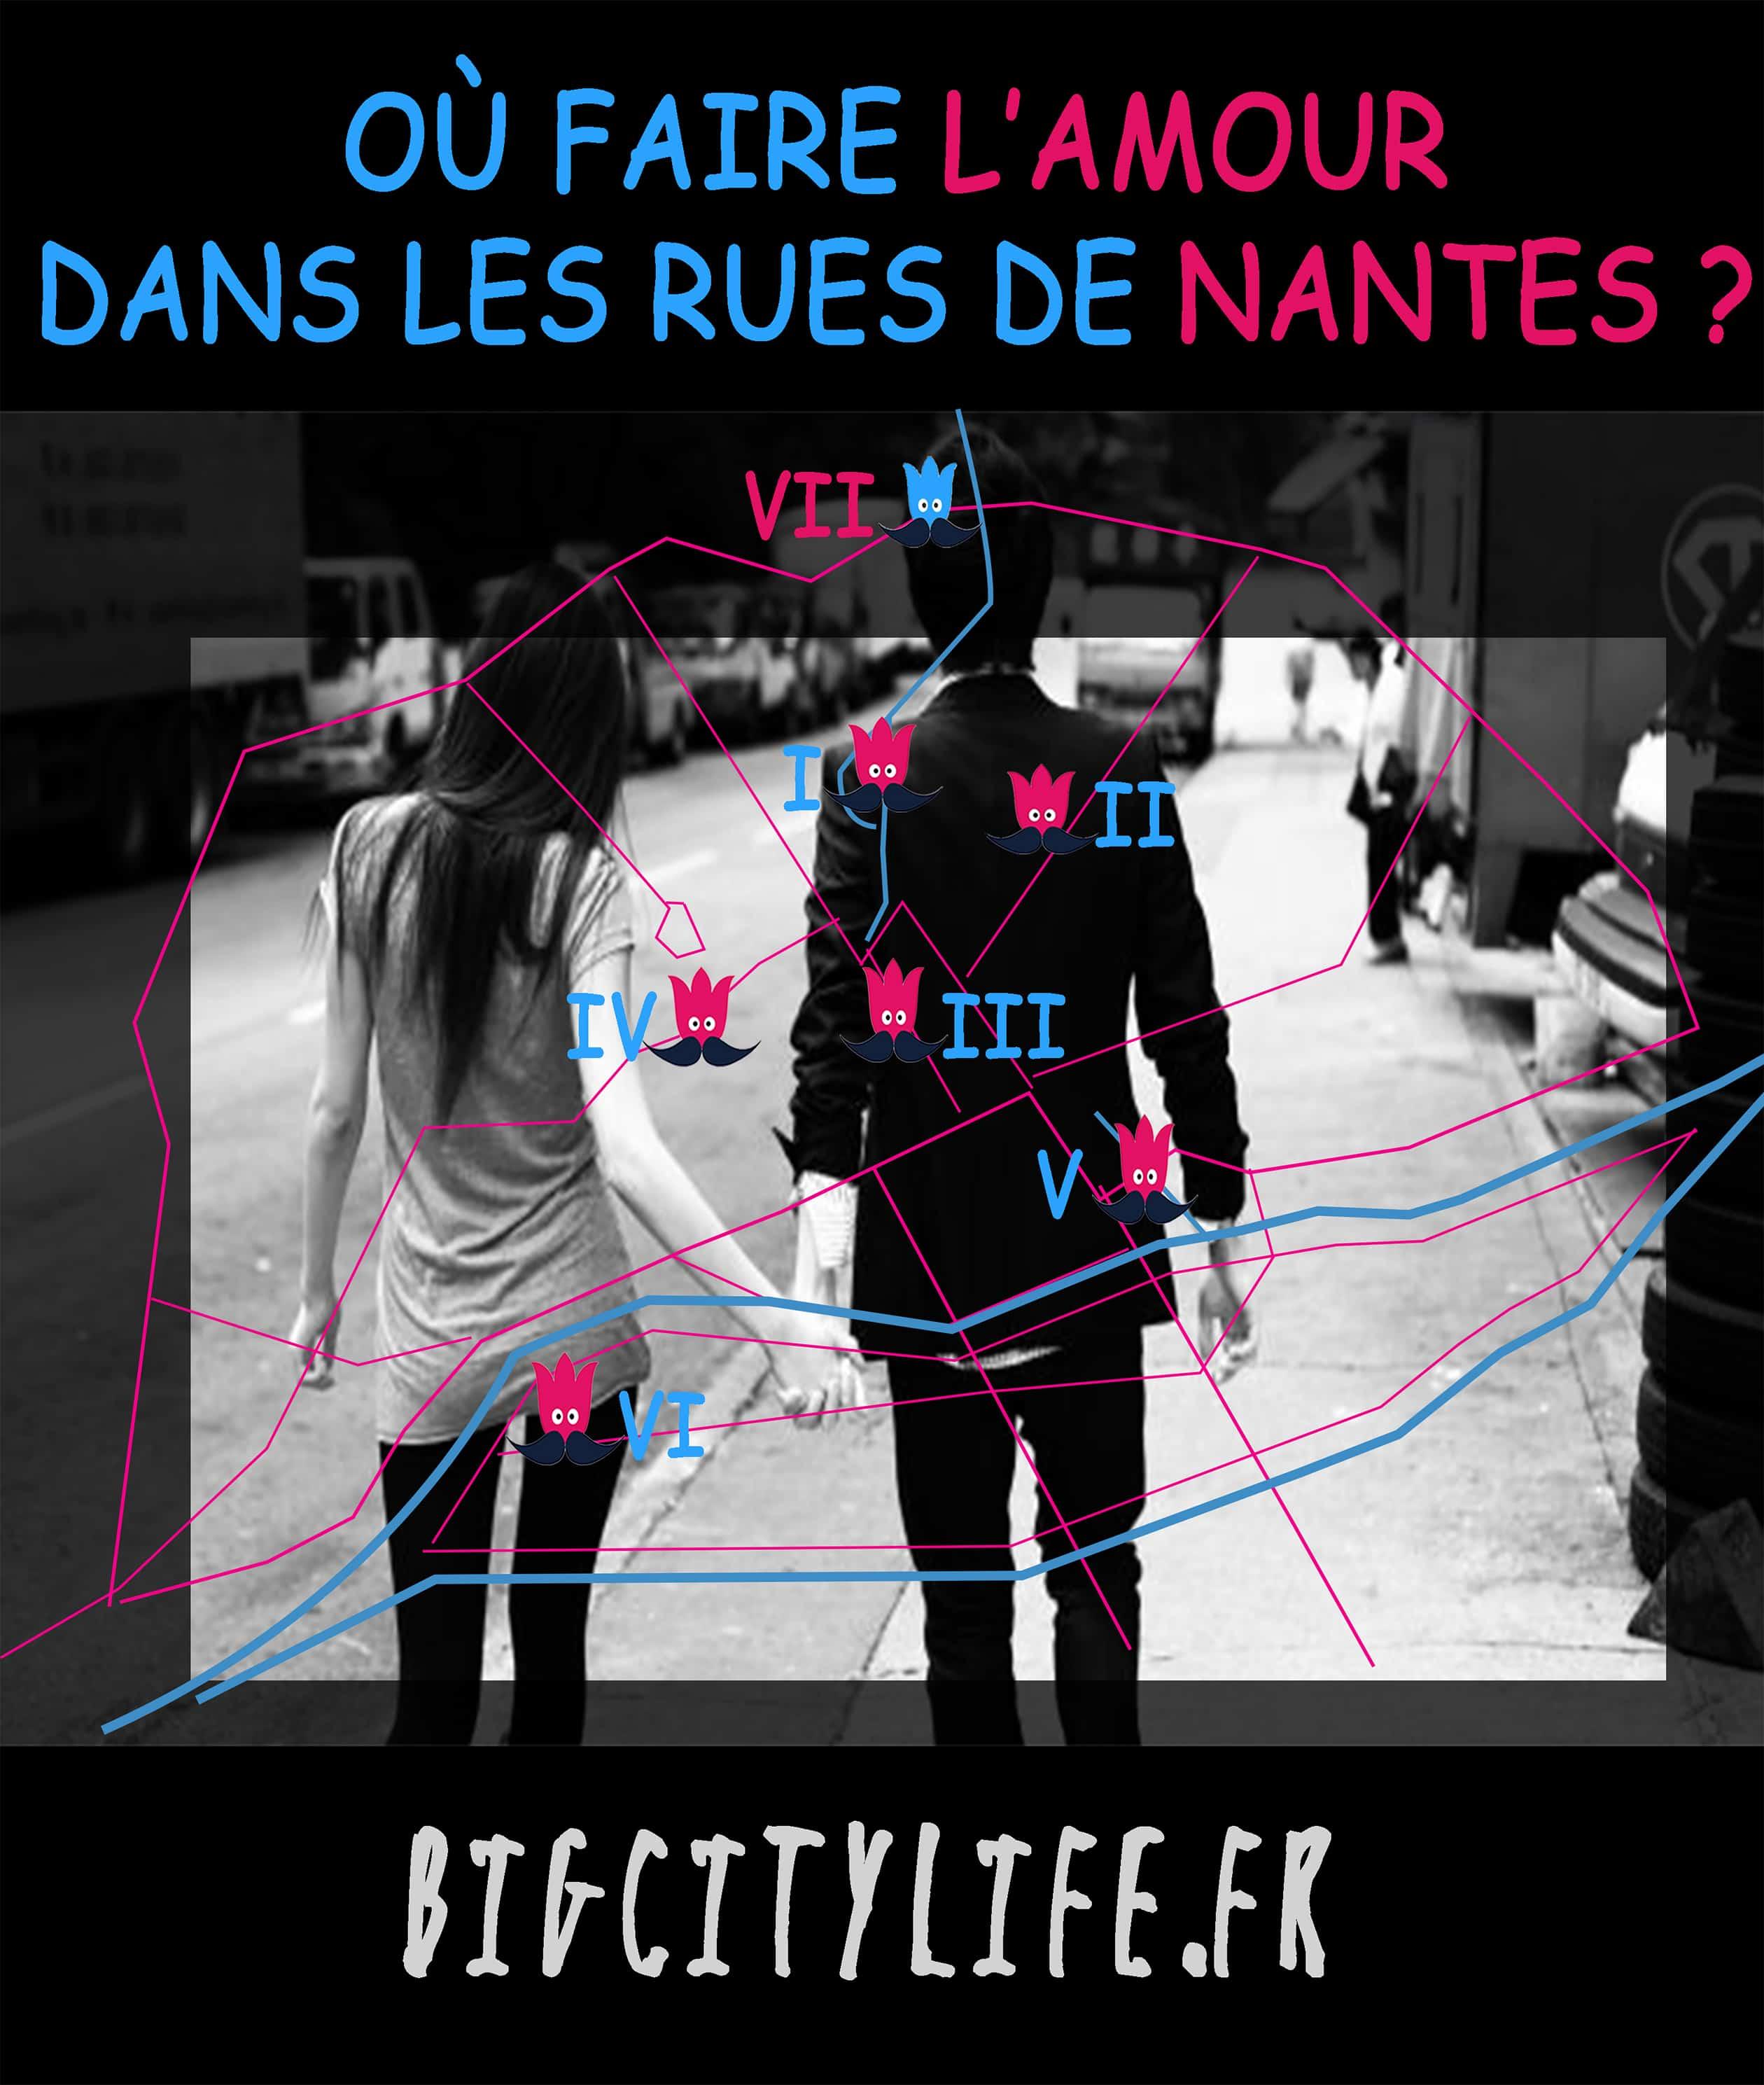 ou faire l'amour dans les rues de Nantes